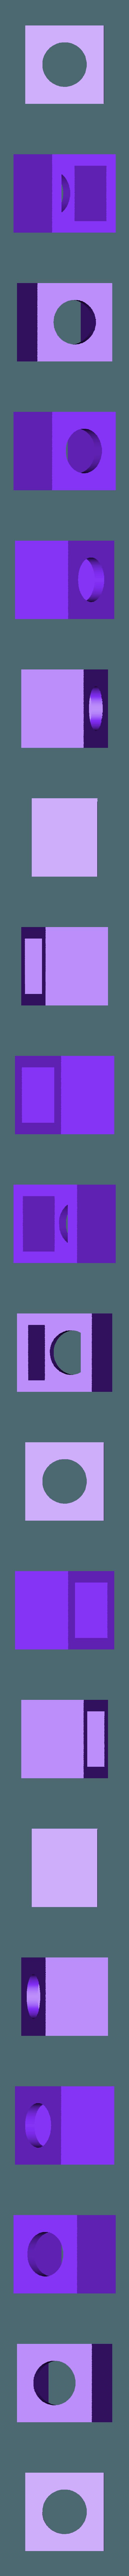 button_case.STL Télécharger fichier STL gratuit Machine universelle pour tour miniature • Modèle pour imprimante 3D, perinski